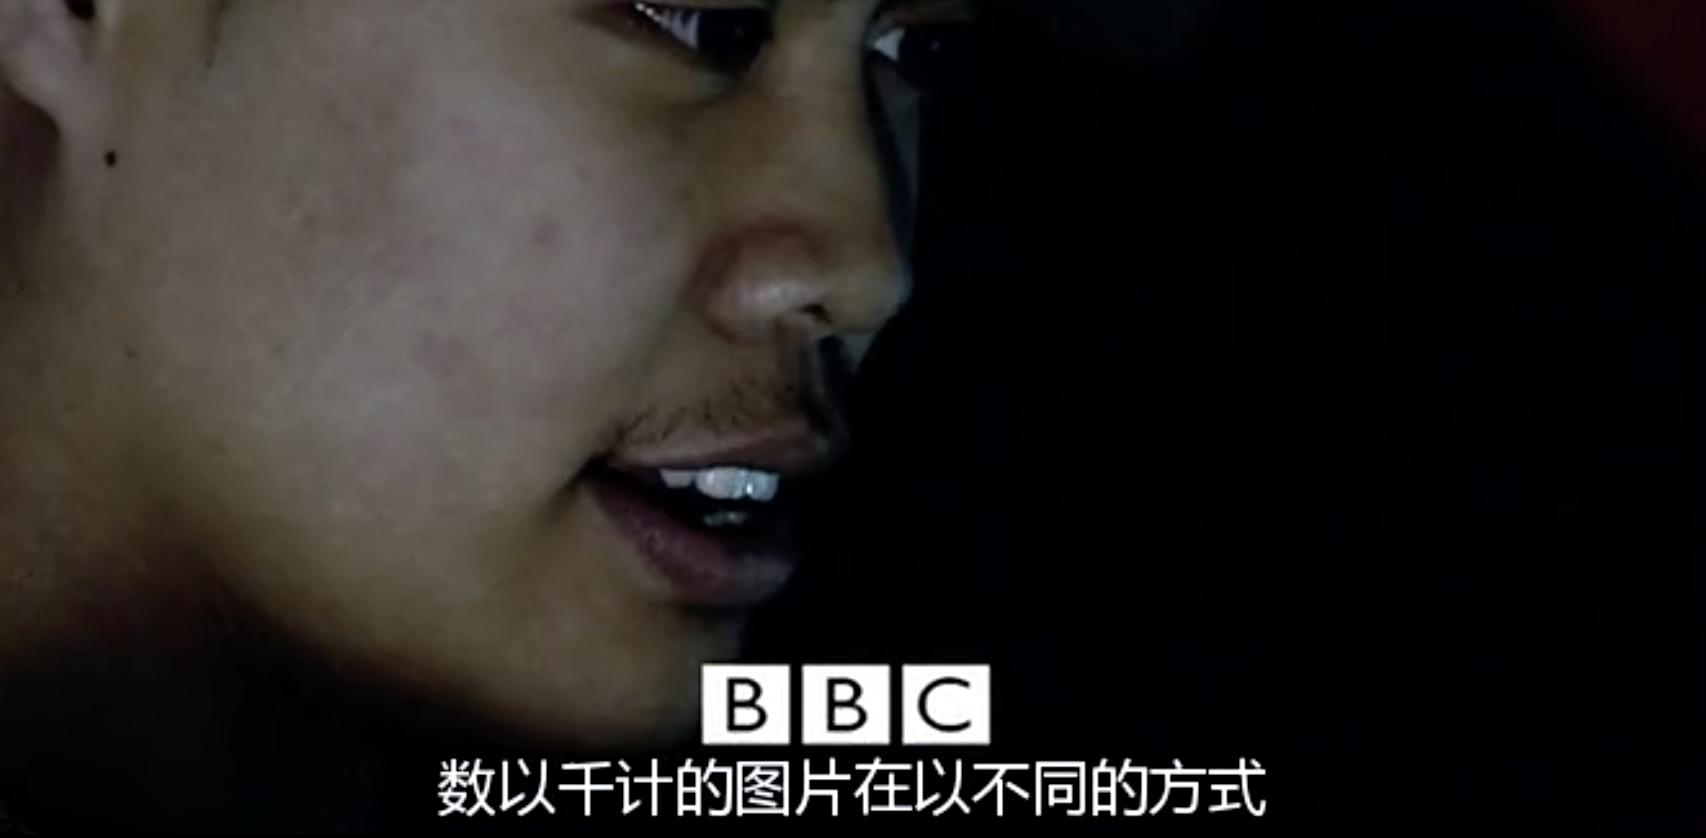 BBC之艺术创造世界:死亡的图像